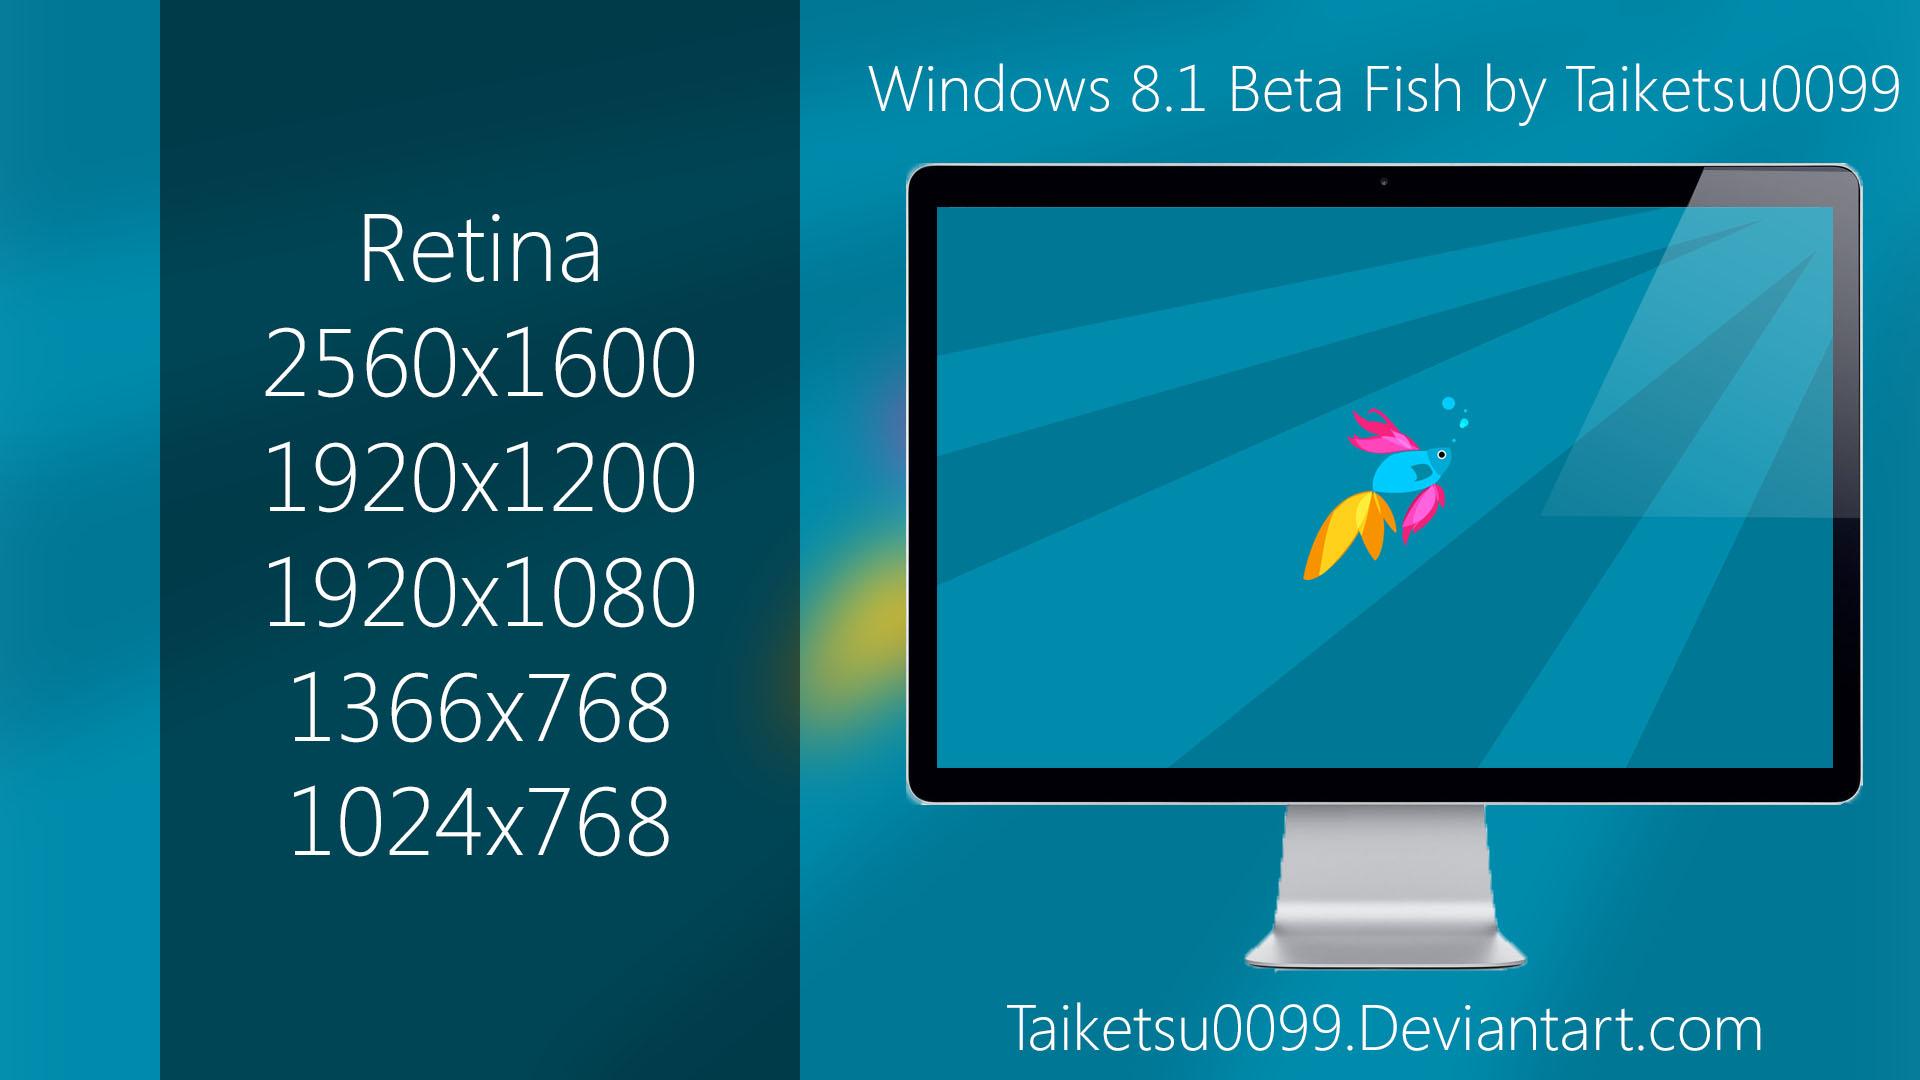 Windows 81 Beta Fish by Taiketsu0099 by Taiketsu0099 1920x1080